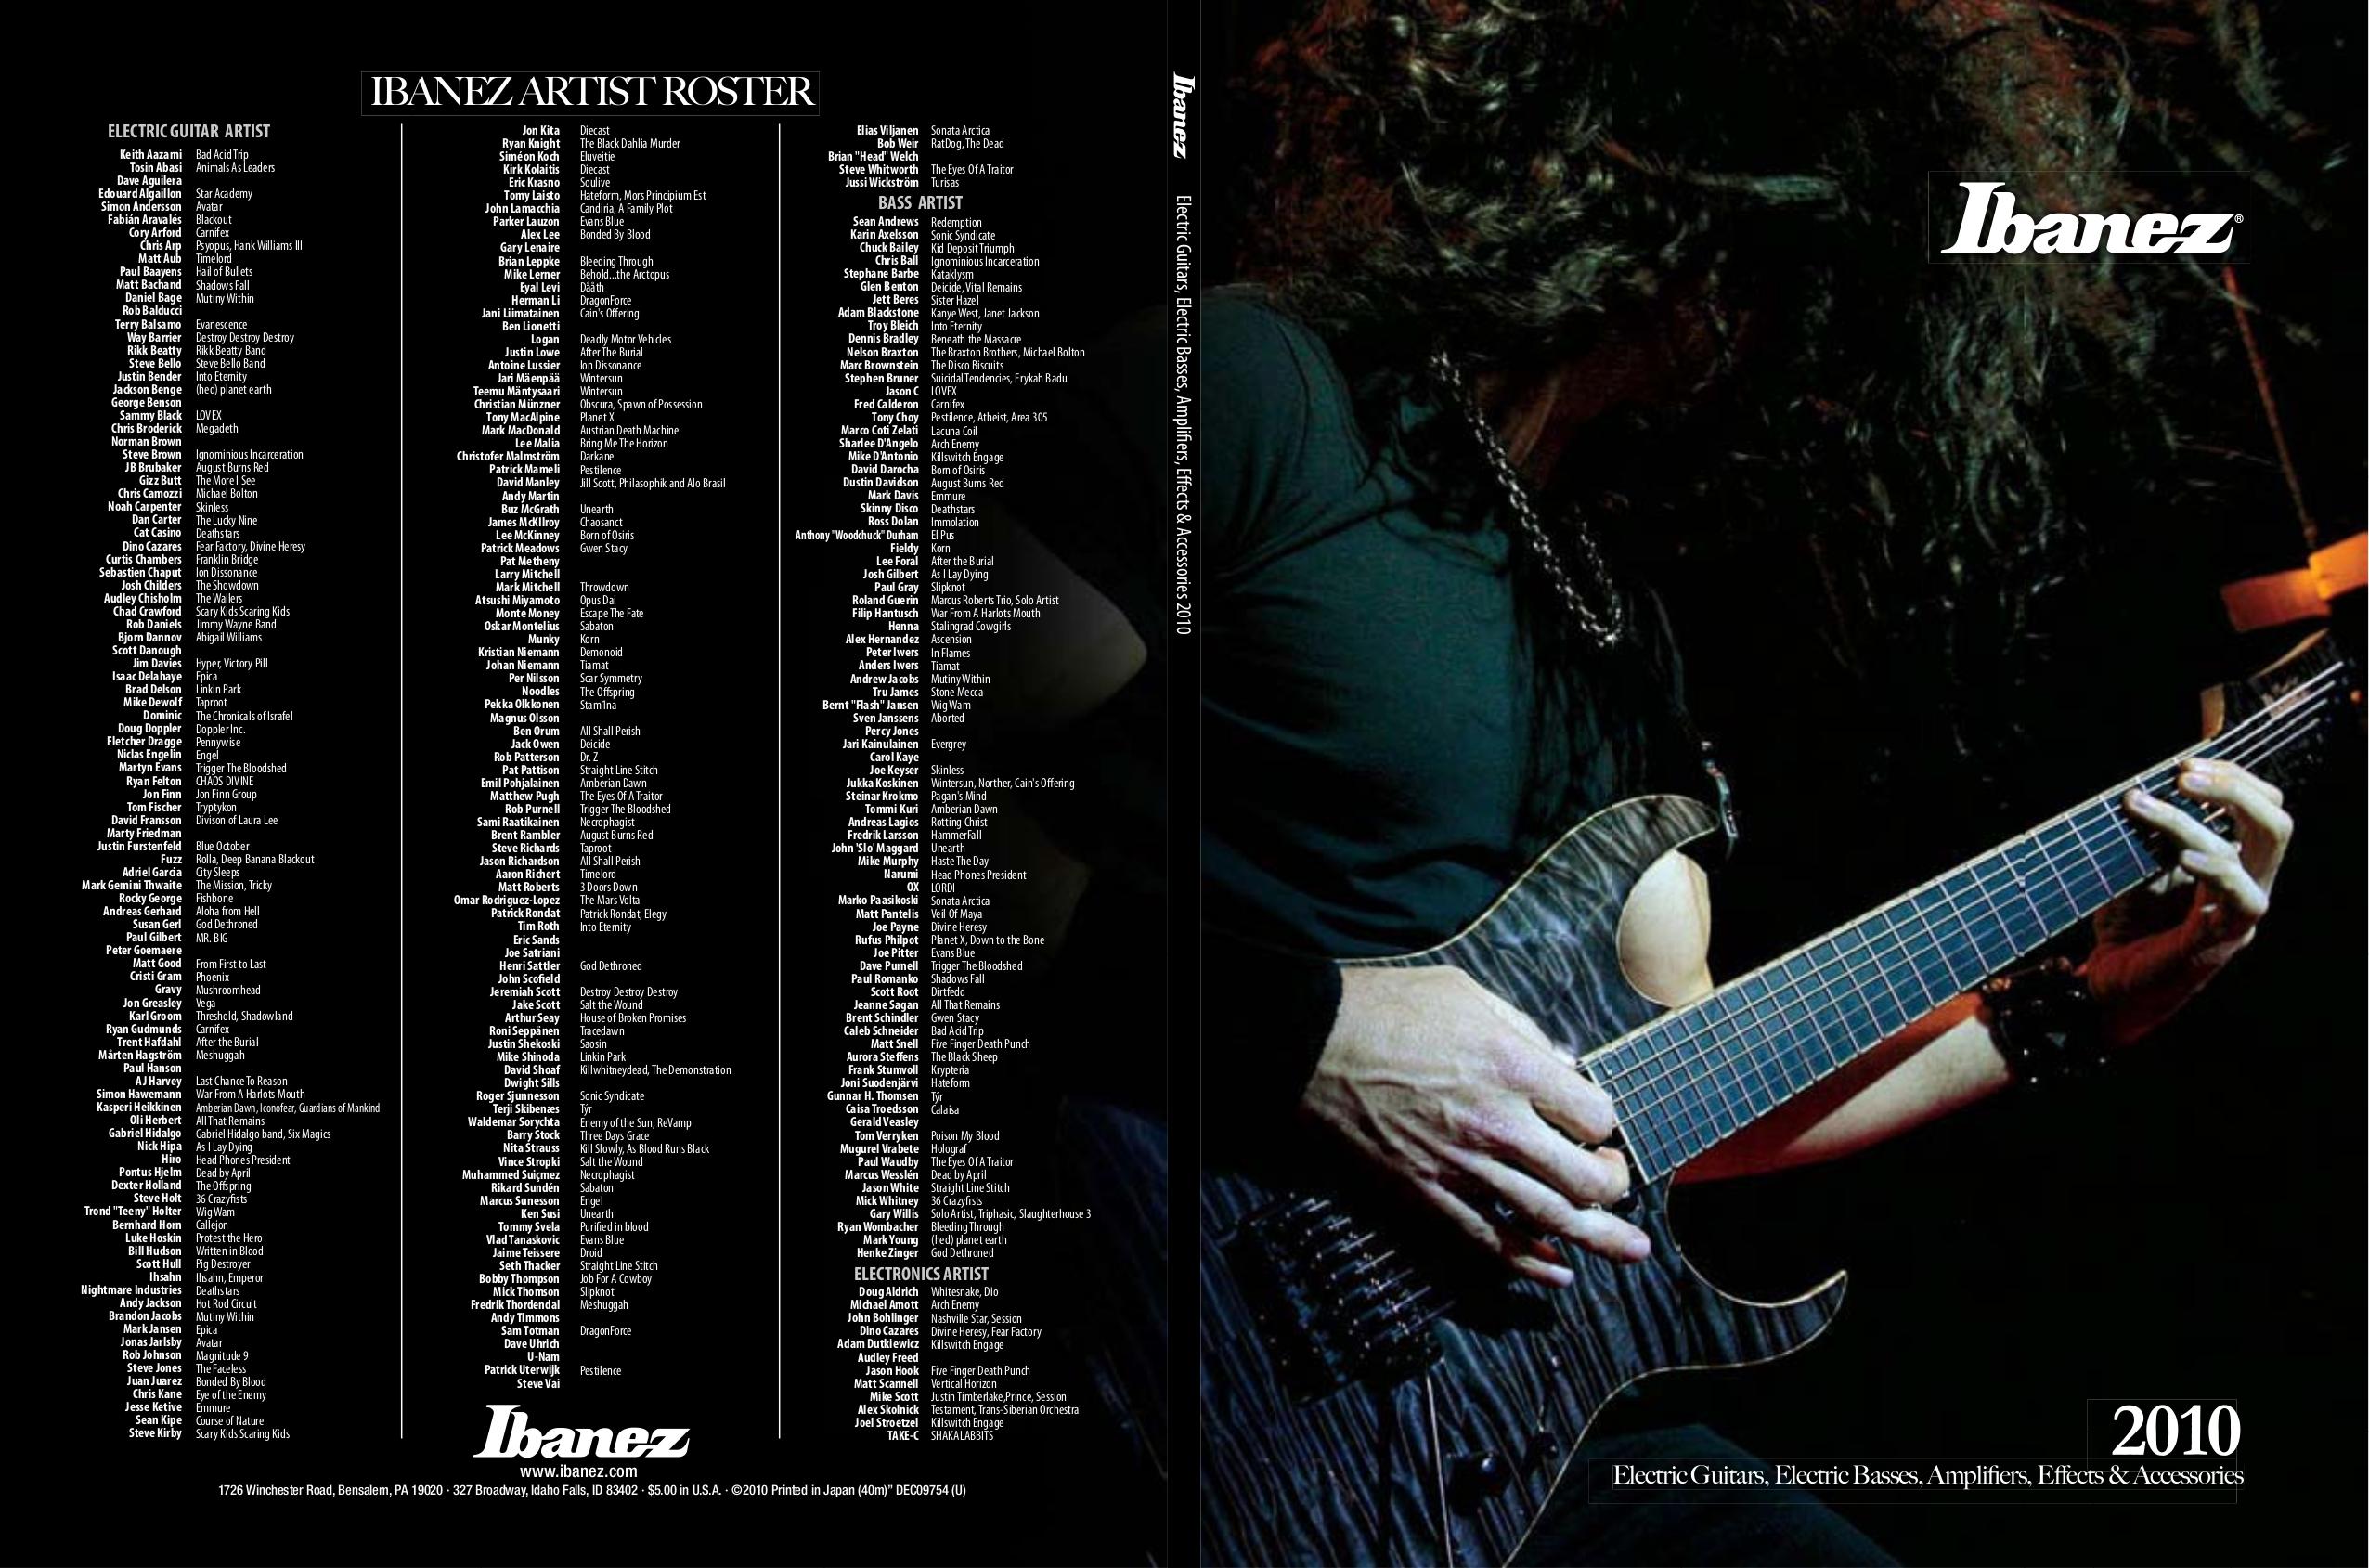 Pdf Manual For Ibanez Guitar Gsa Series Gio Sa Series Gsa60